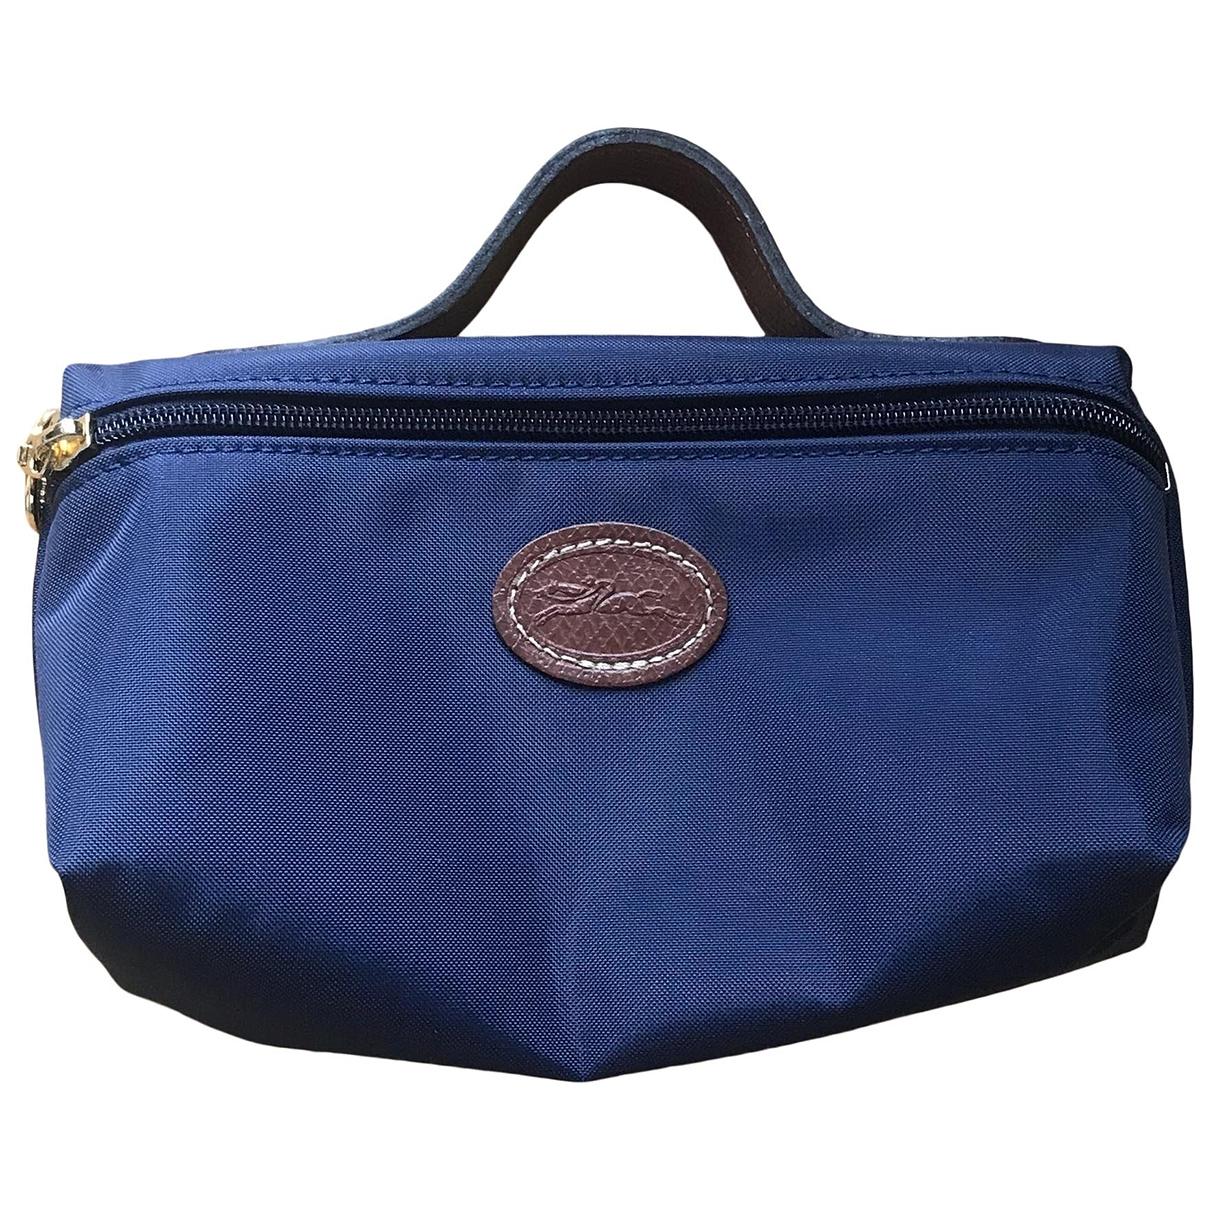 Longchamp - Sac de voyage   pour femme en toile - bleu